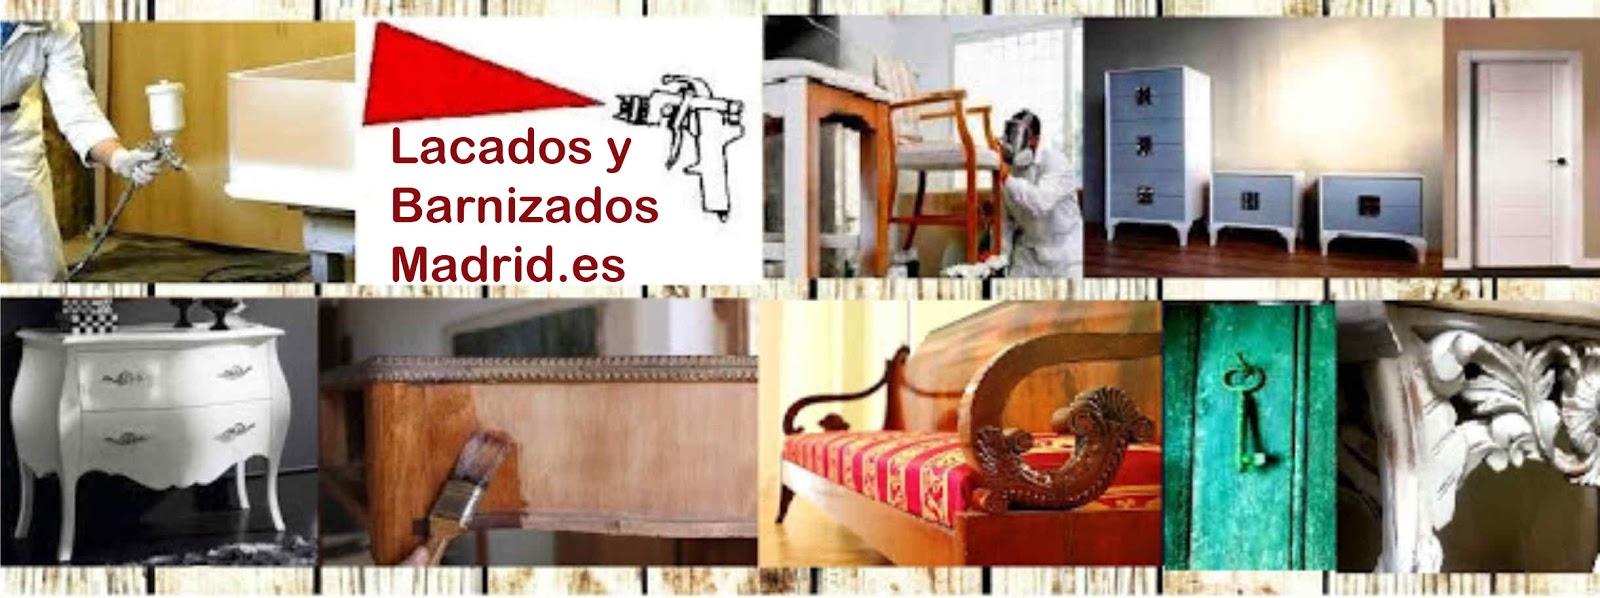 Restauracion De Muebles Madrid : Barnizados lacados restauracion muebles madrid